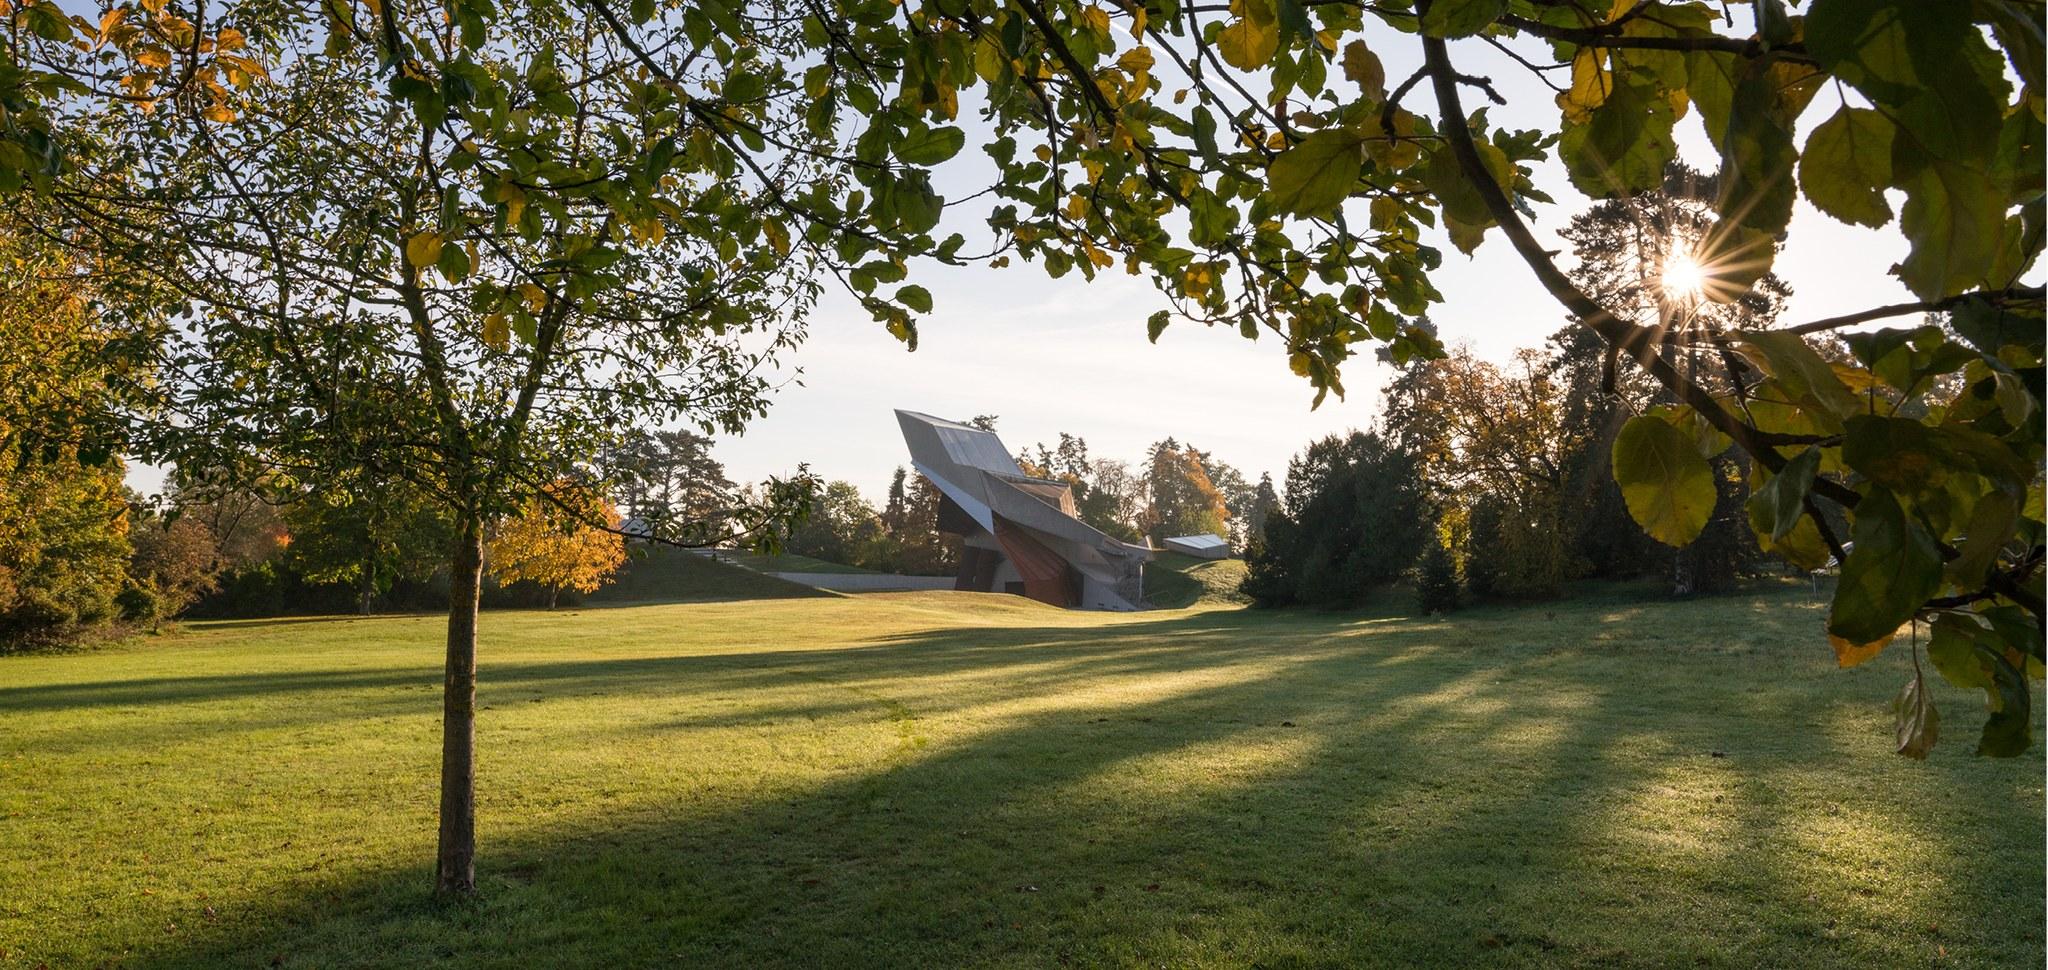 Eine Vielzahl an zum Teil exotischen Baumarten prägt den historischen Landschaftsgarten von Grafenegg. Seit 2007 kommt im Rahmen des Festivals alljährlich ein neuer Baum hinzu, der vom jeweiligen Composer in Residence gepflanzt wird. Anlässlich des 15-jährigen Festival-Jubiläums blickt Ewald Baringer in 15 Skizzen auf die Tradition der Komponistenbäume zurück.